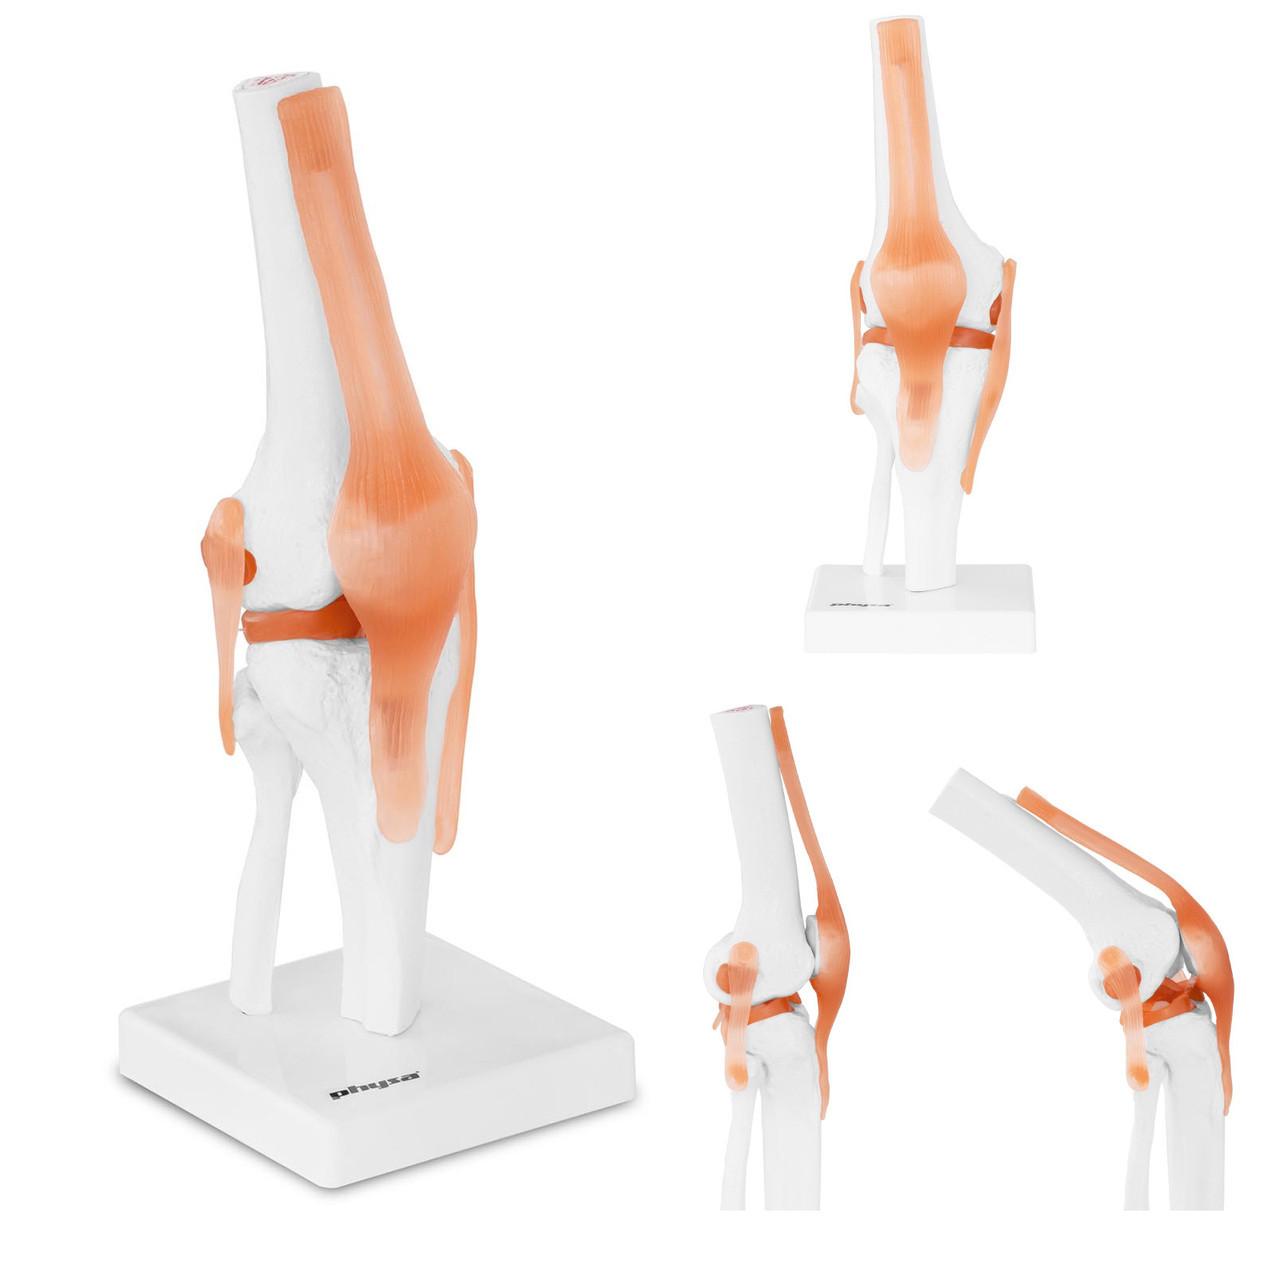 Анатомическая модель колена в масштабе 1: 1